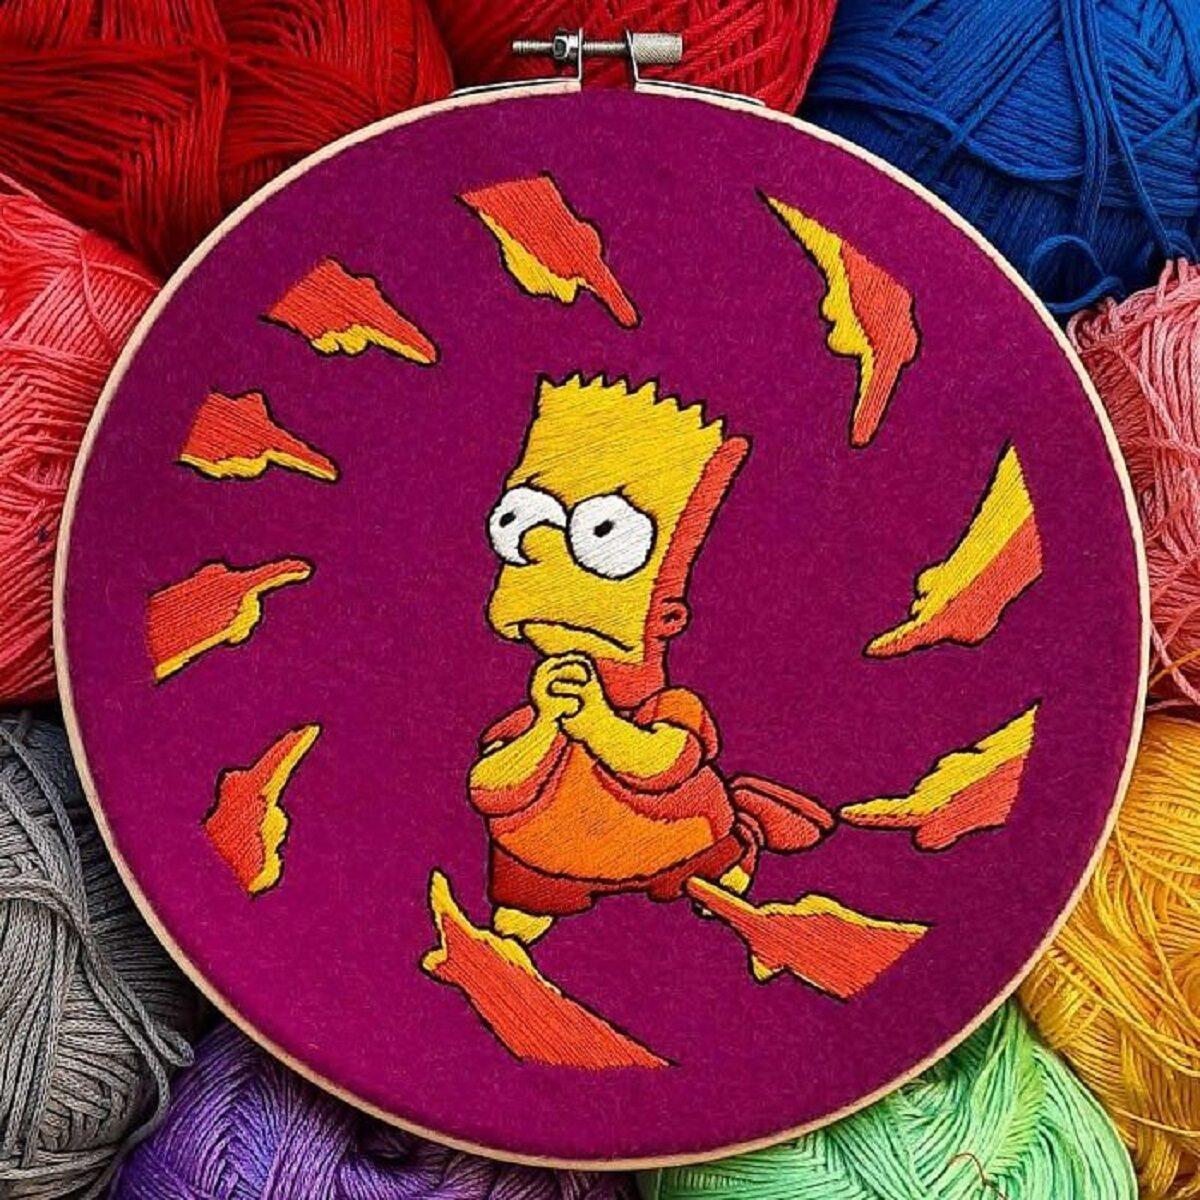 Artista Gabriela Martinez cria bordados de cenas de Os Simpsons 7